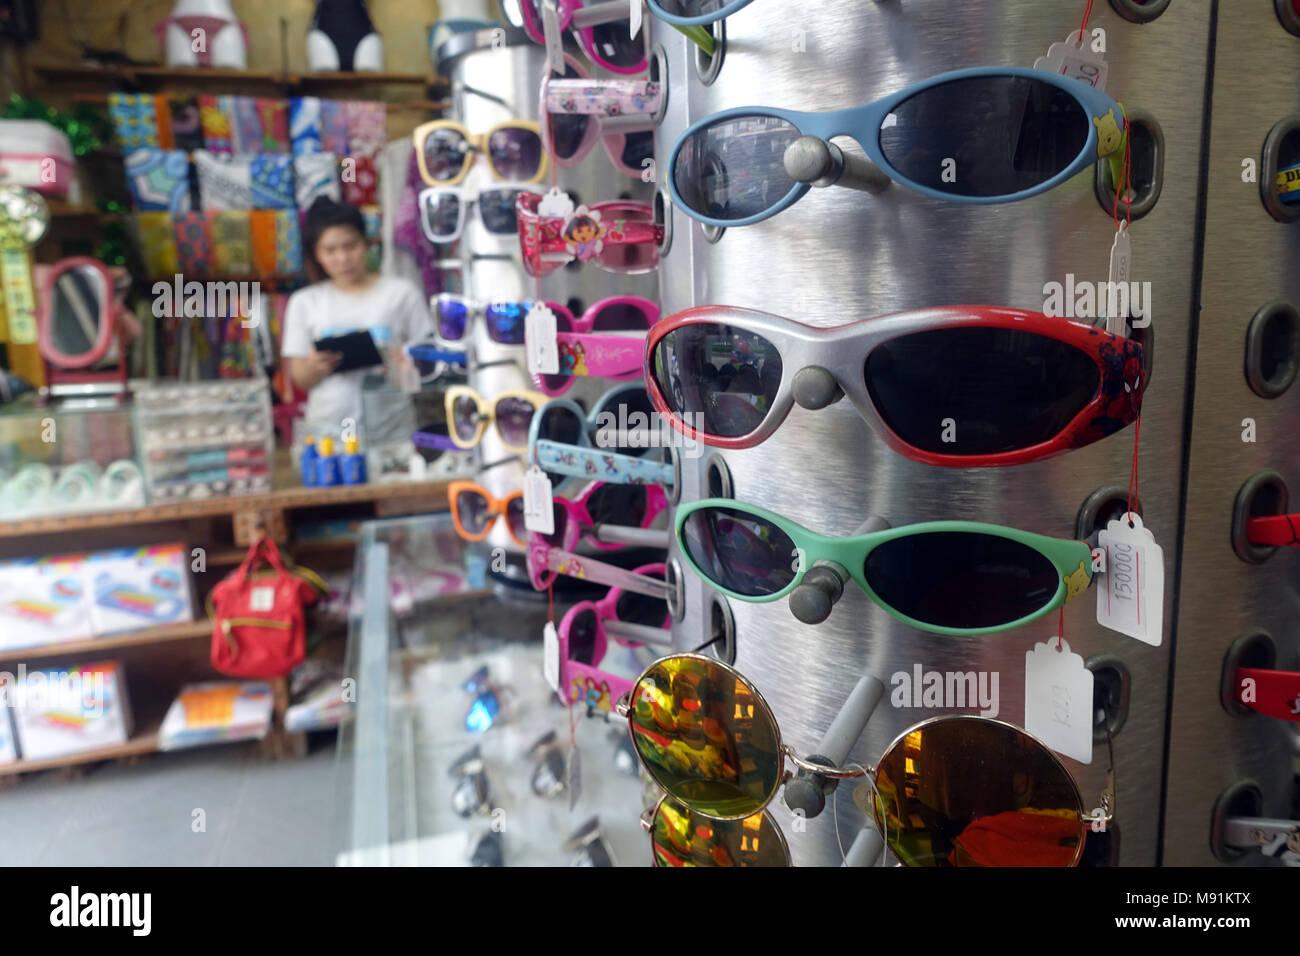 d7a44908c3c Assortiment de lunettes de soleil dans un magasin. Phu Quoc. Le Vietnam.